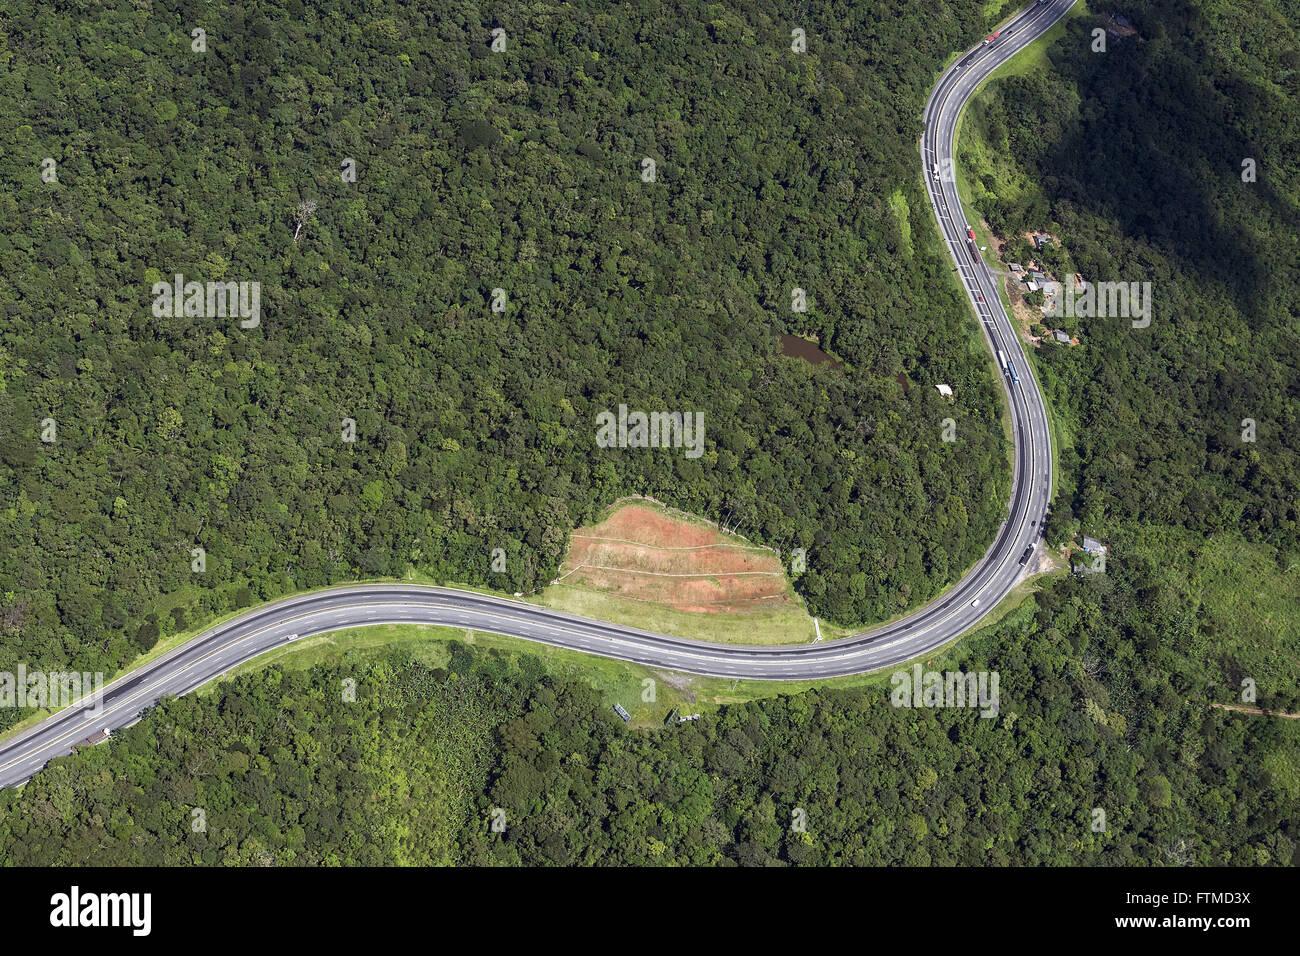 Vista aerea da Rodovia BR-277 - liga as cidades de Paranagua e Curitiba - Stock Image